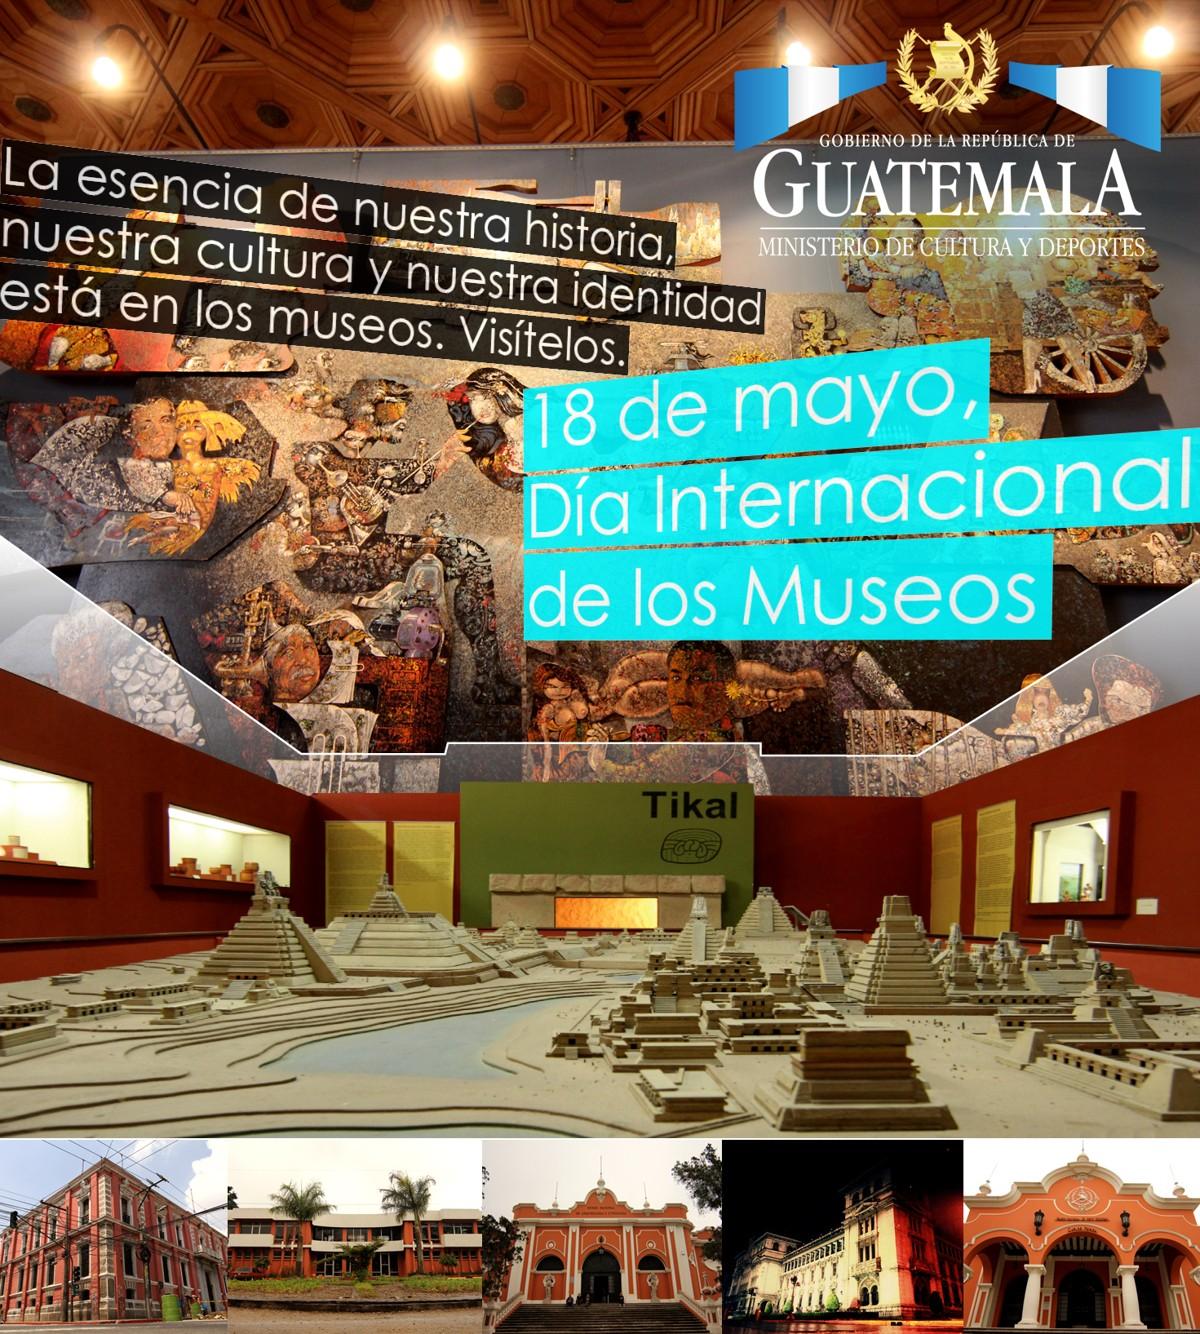 DIA INTERNACIONAL DE LOS MUSEOS 2016 BAJA